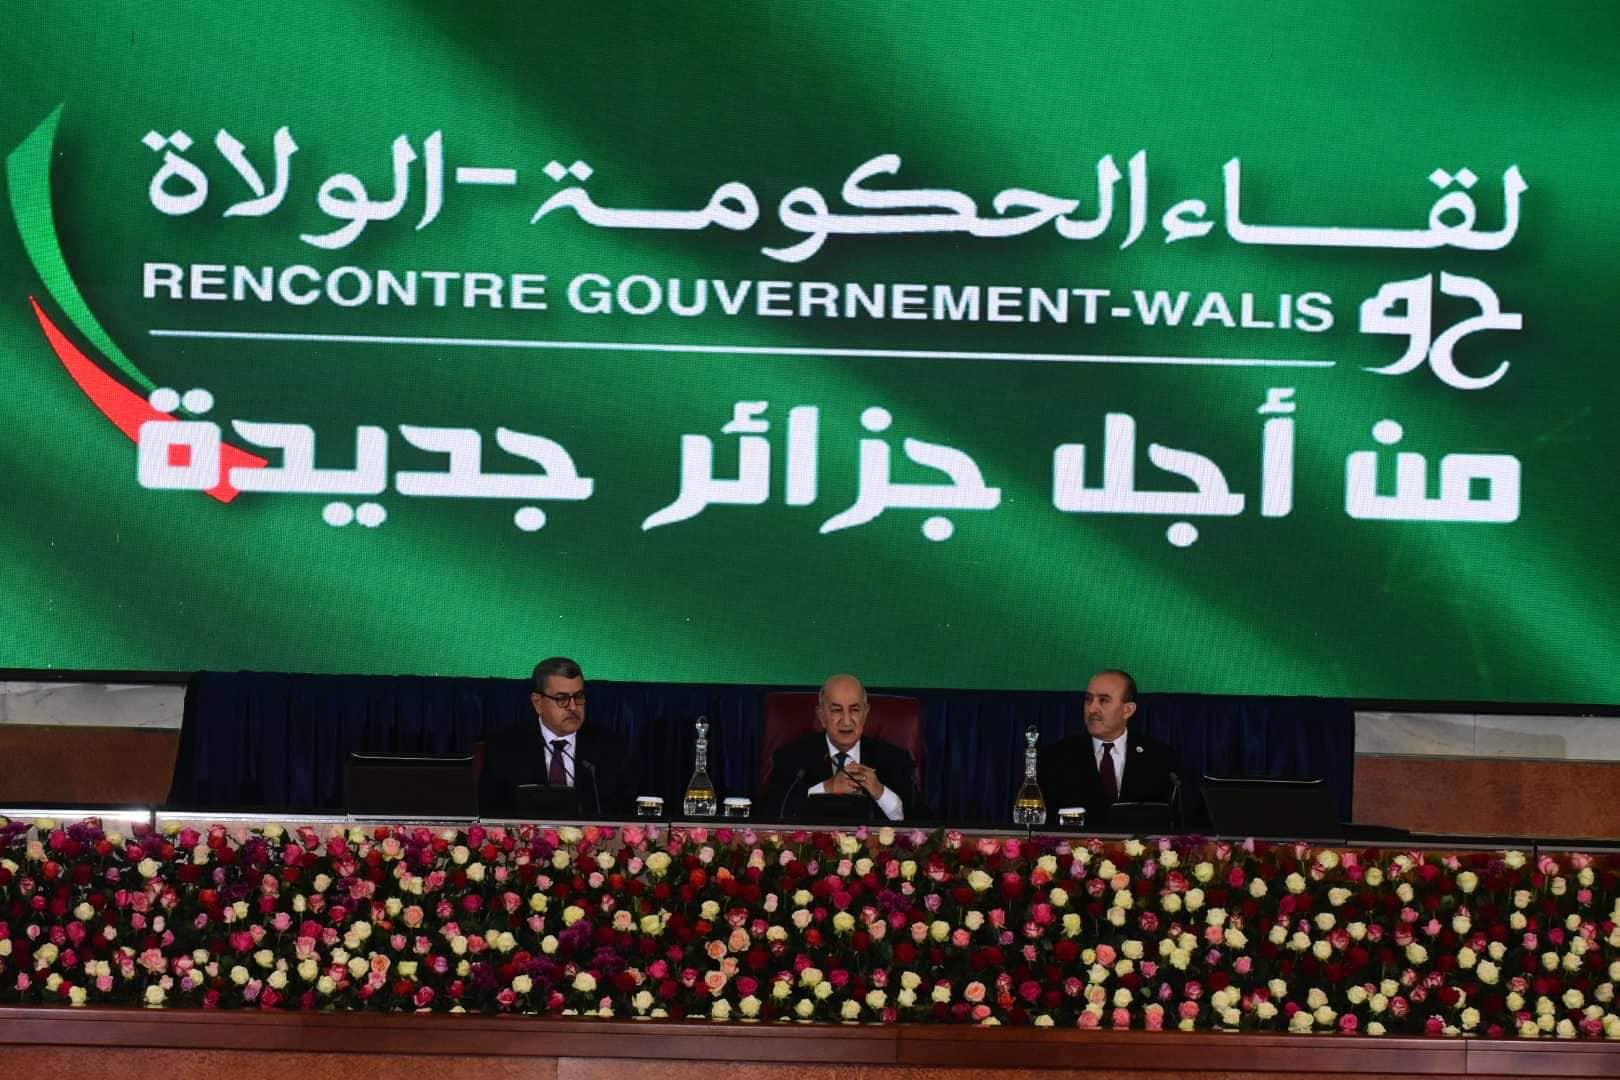 Rencontre Gouvernement-Walis 2021 : de quoi parleront ils ?